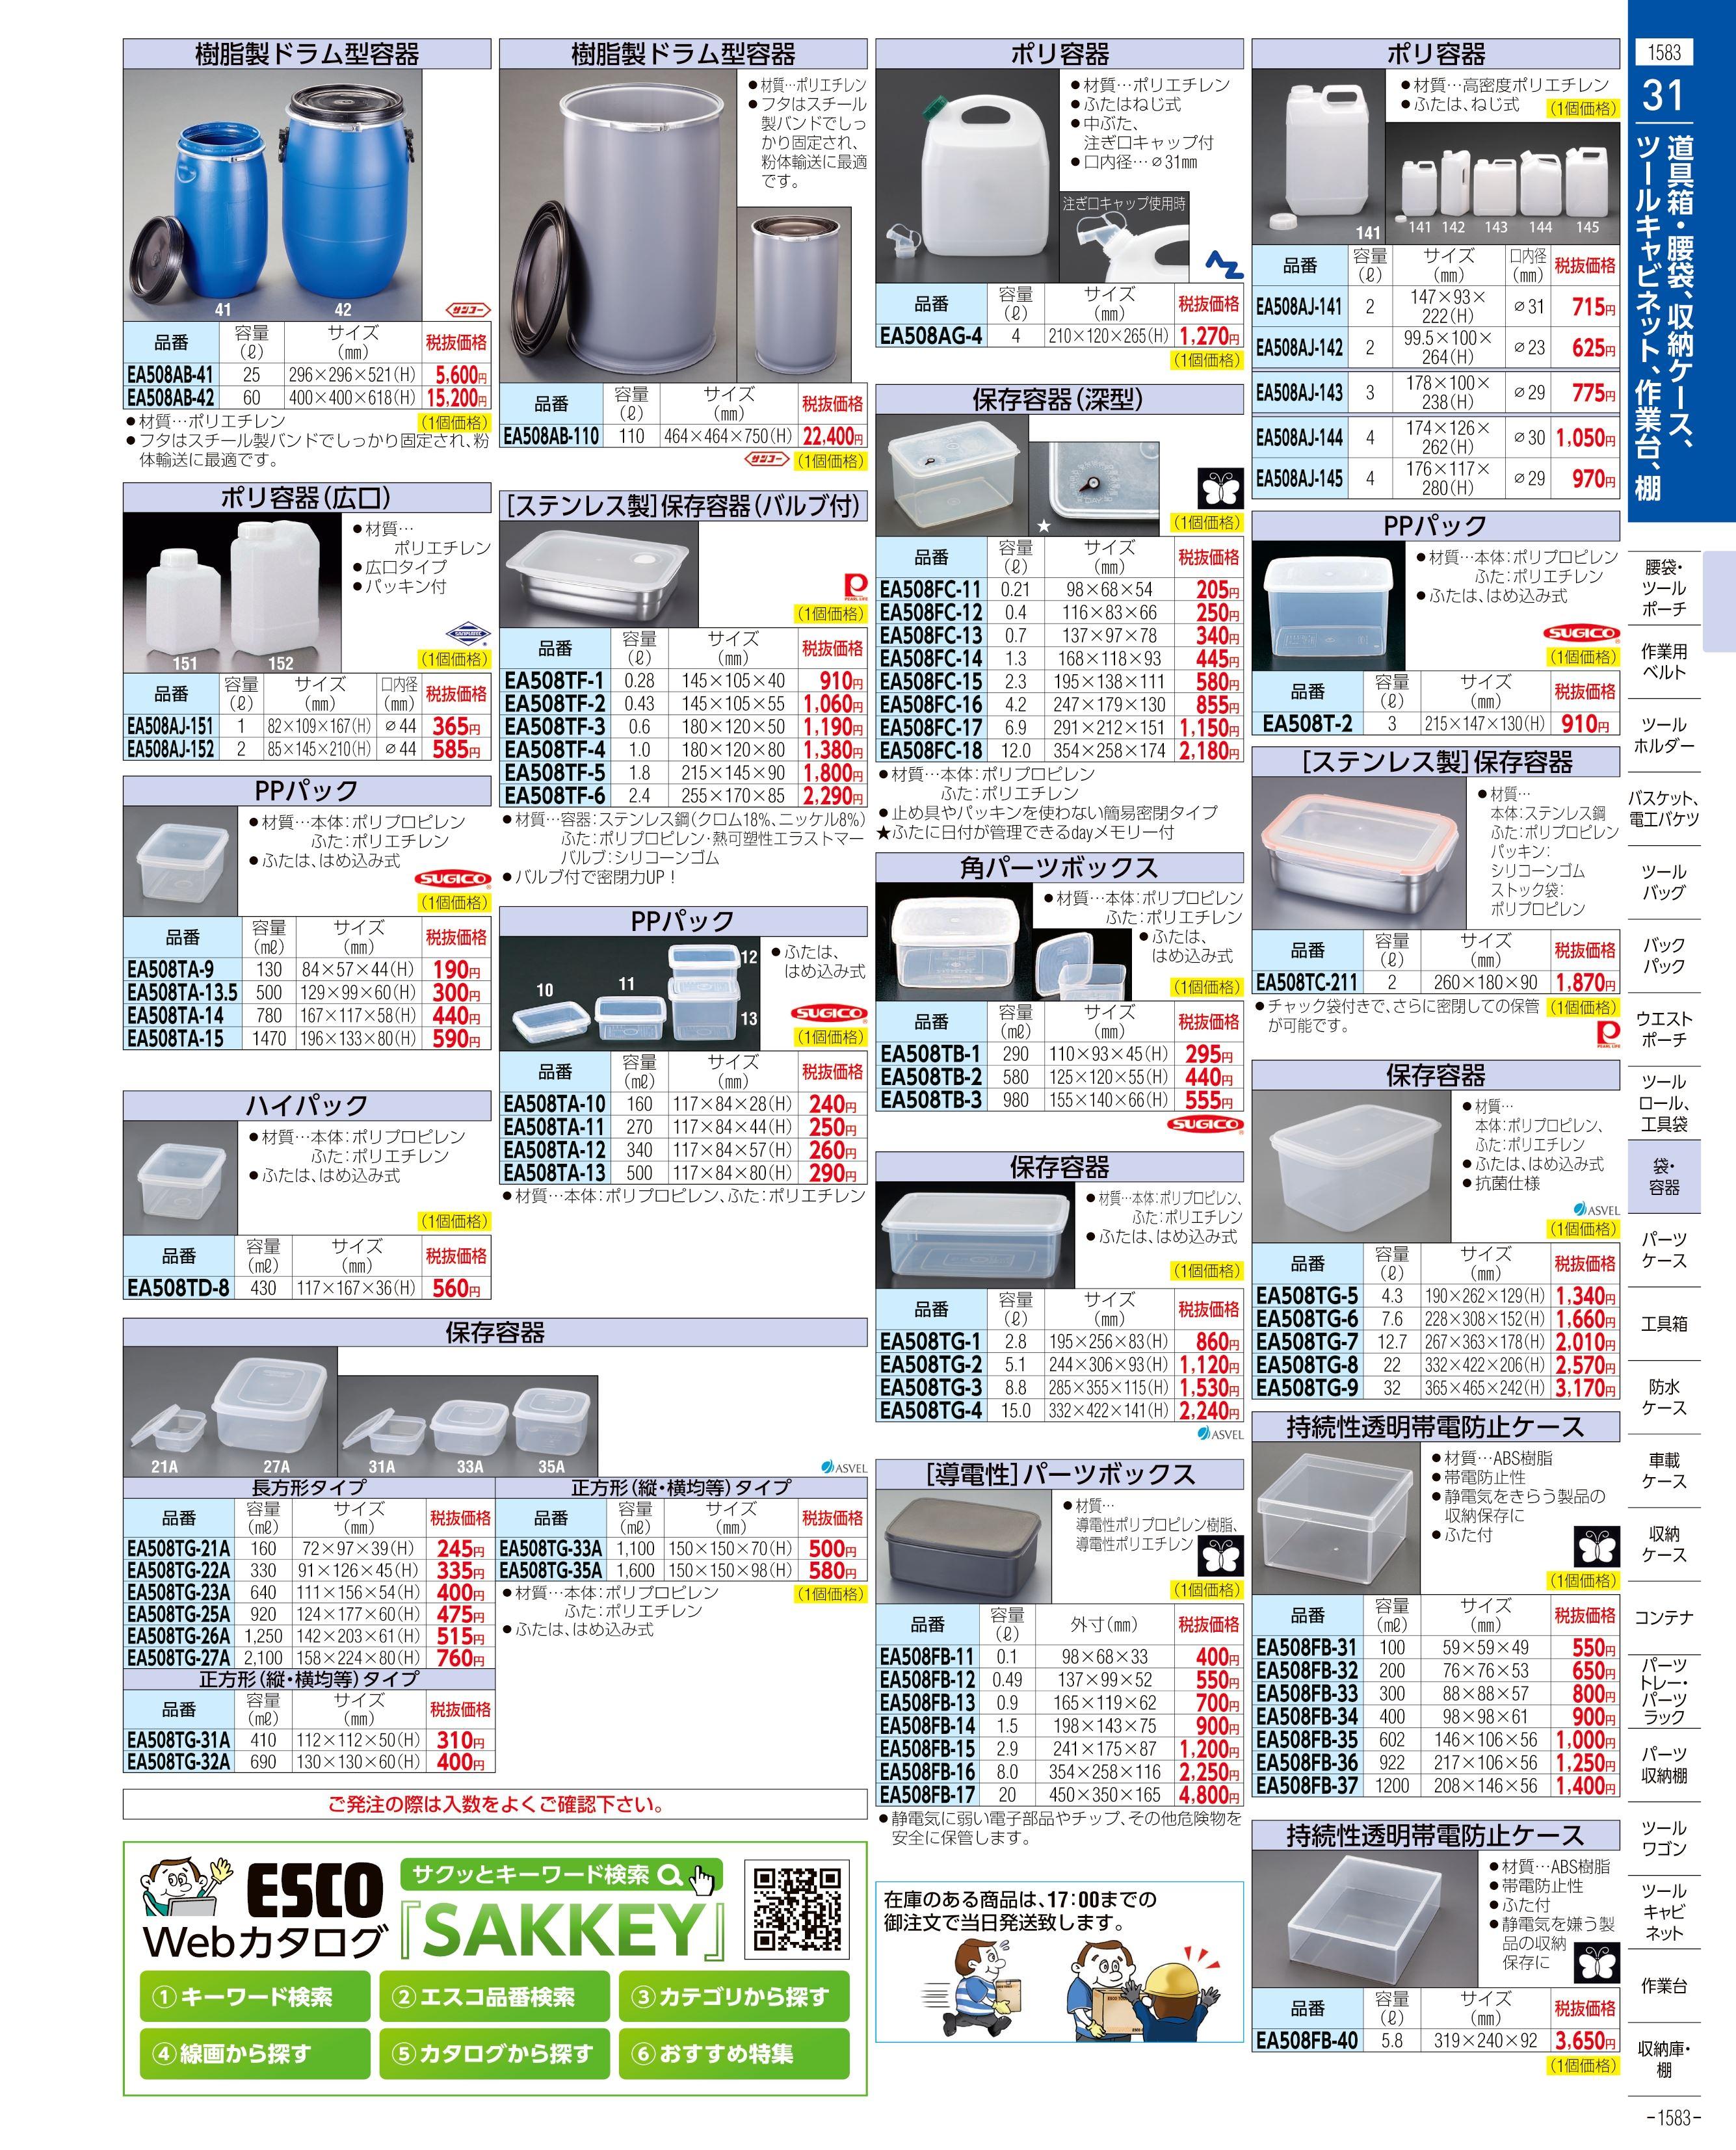 エスコ便利カタログ1583ページ